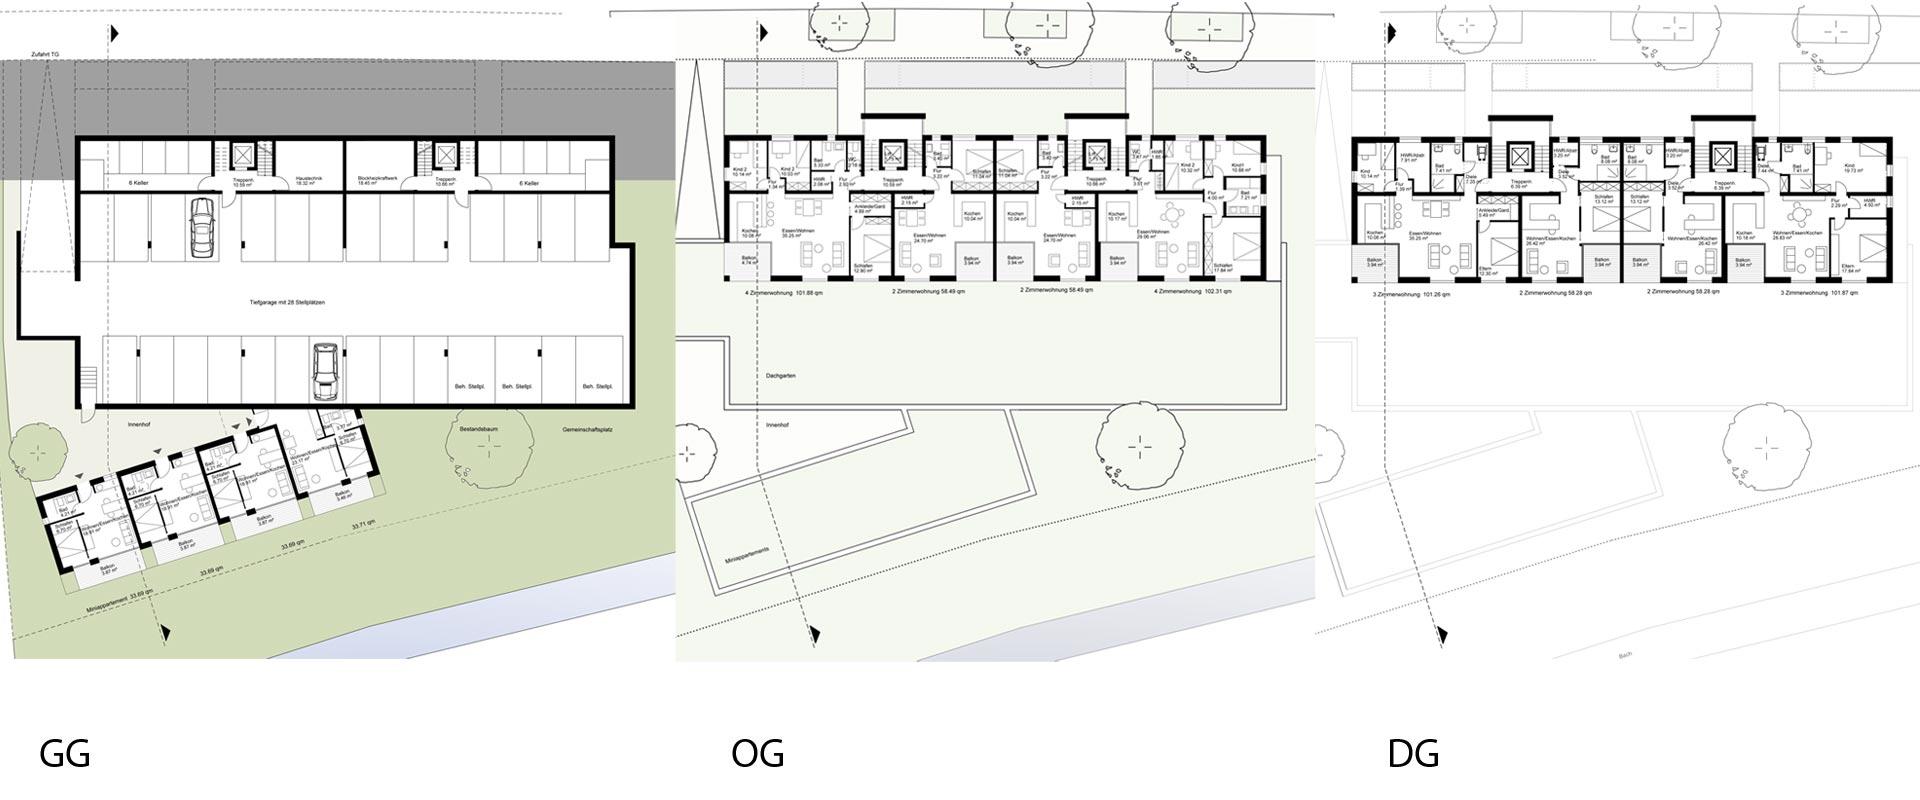 Architekturbüro Musahl Waldshut Wohnanlage Schaffhauser Straße in Tiengen Grundrisse